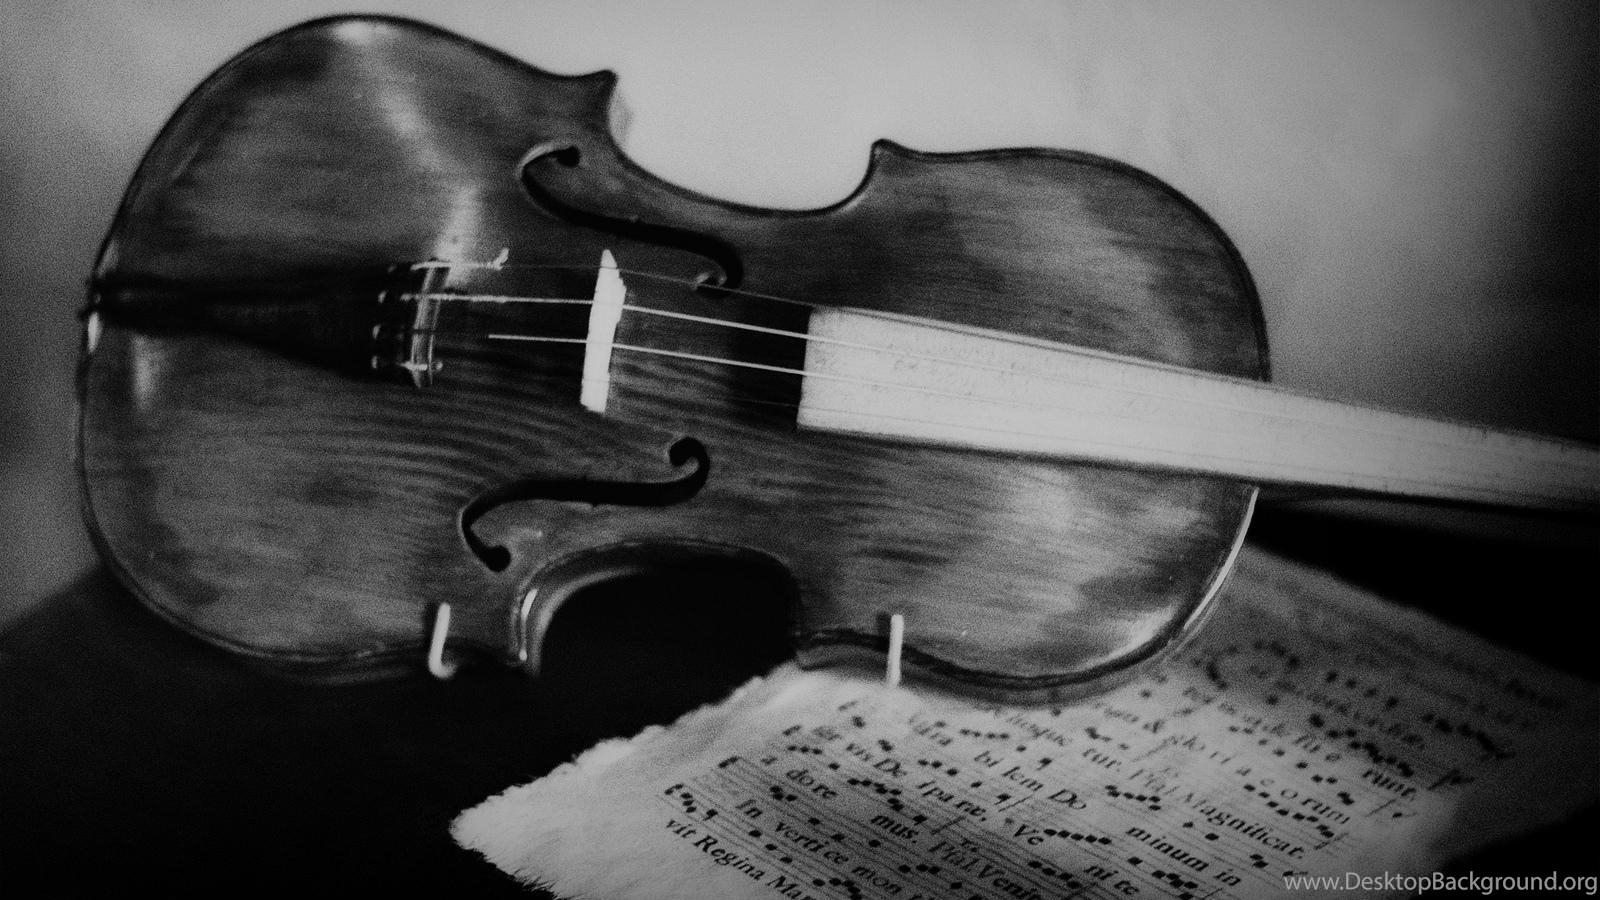 VIOLIN WALLPAPER Desktop Background Popular Source Violin Black And White